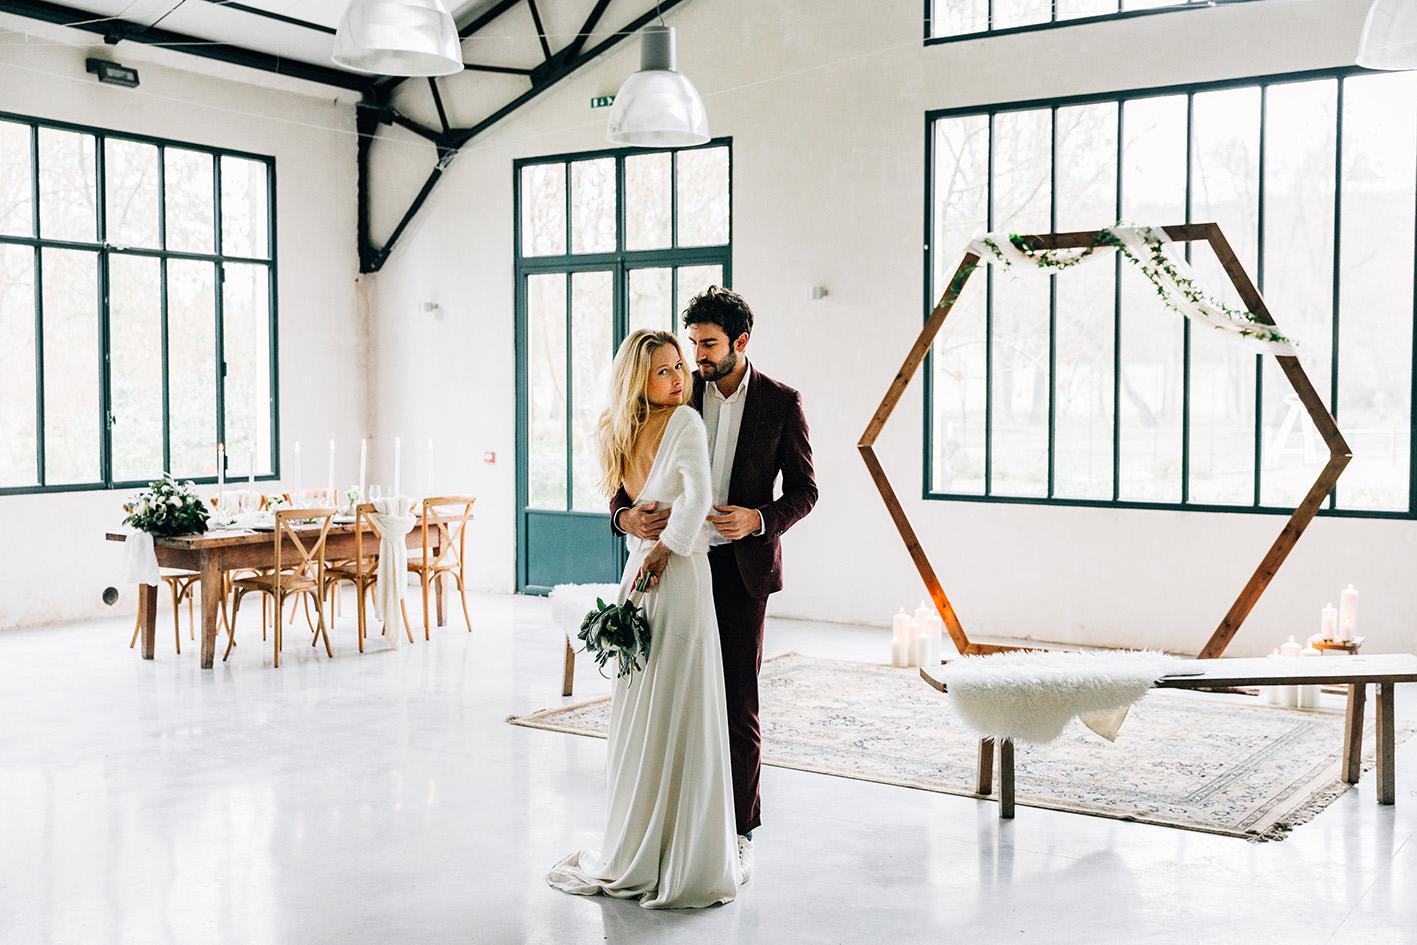 Le moulin de mourette photographe mariage